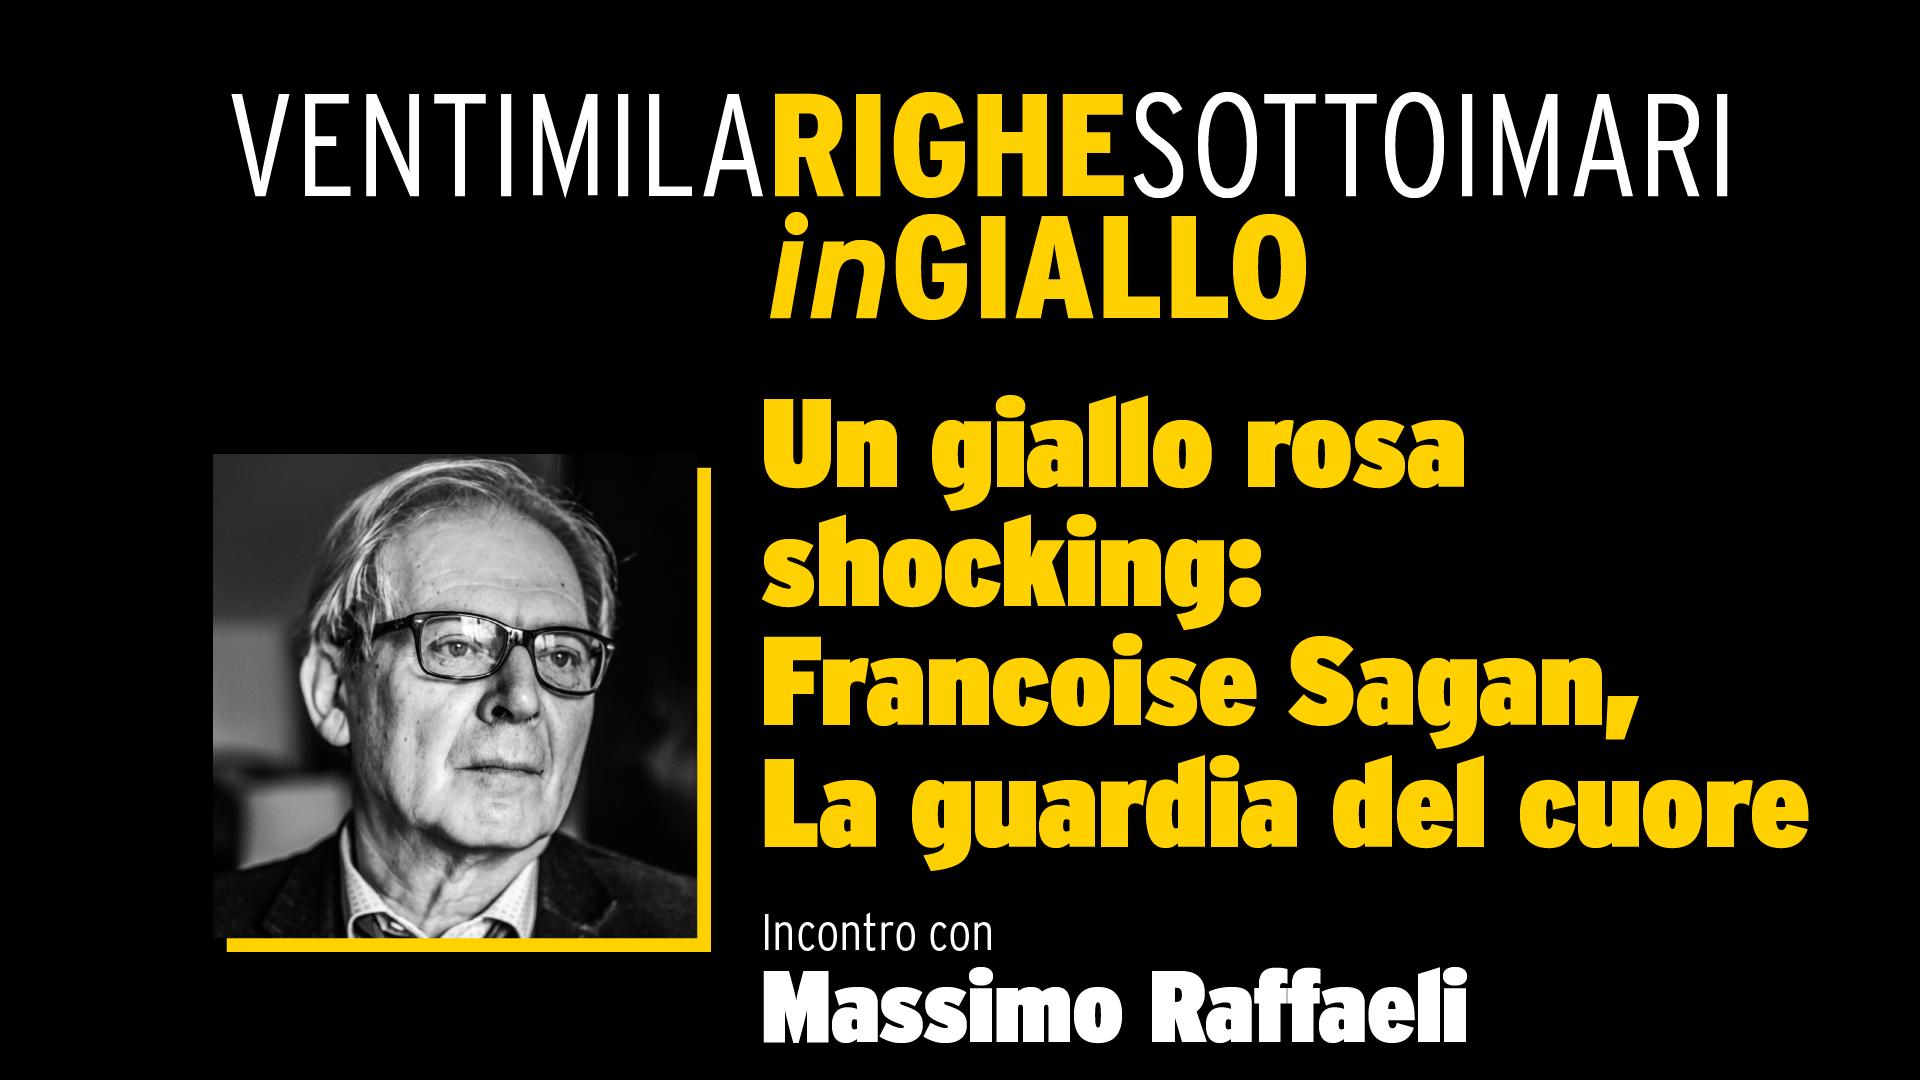 Un giallo rosa shocking: Francoise Sagan, La guardia del cuore - Video Diretta